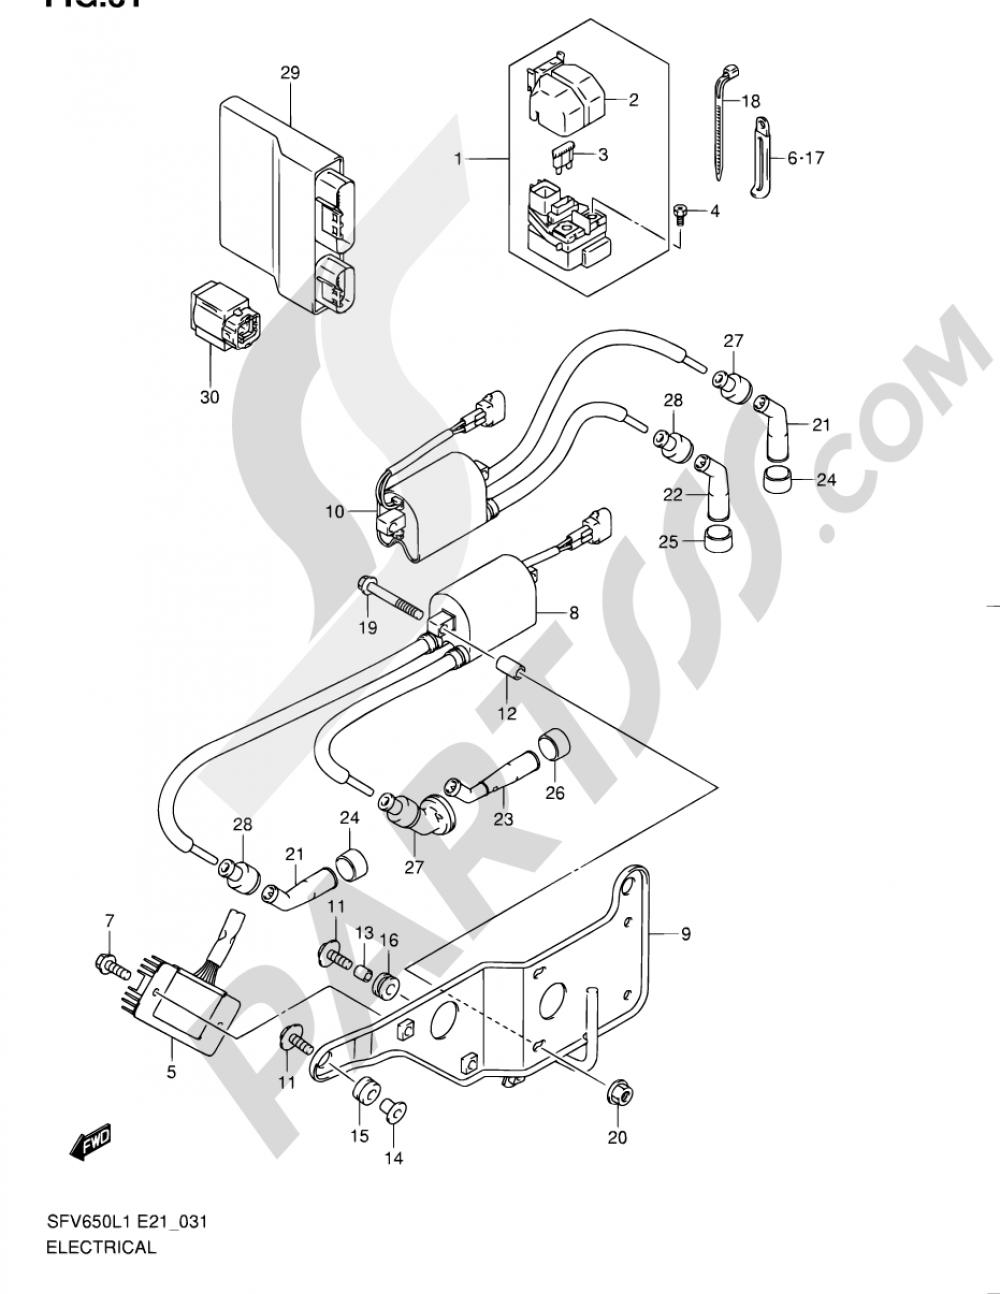 31 - ELECTRICAL (SFV650L1 E21) Suzuki GLADIUS SFV650A 2011